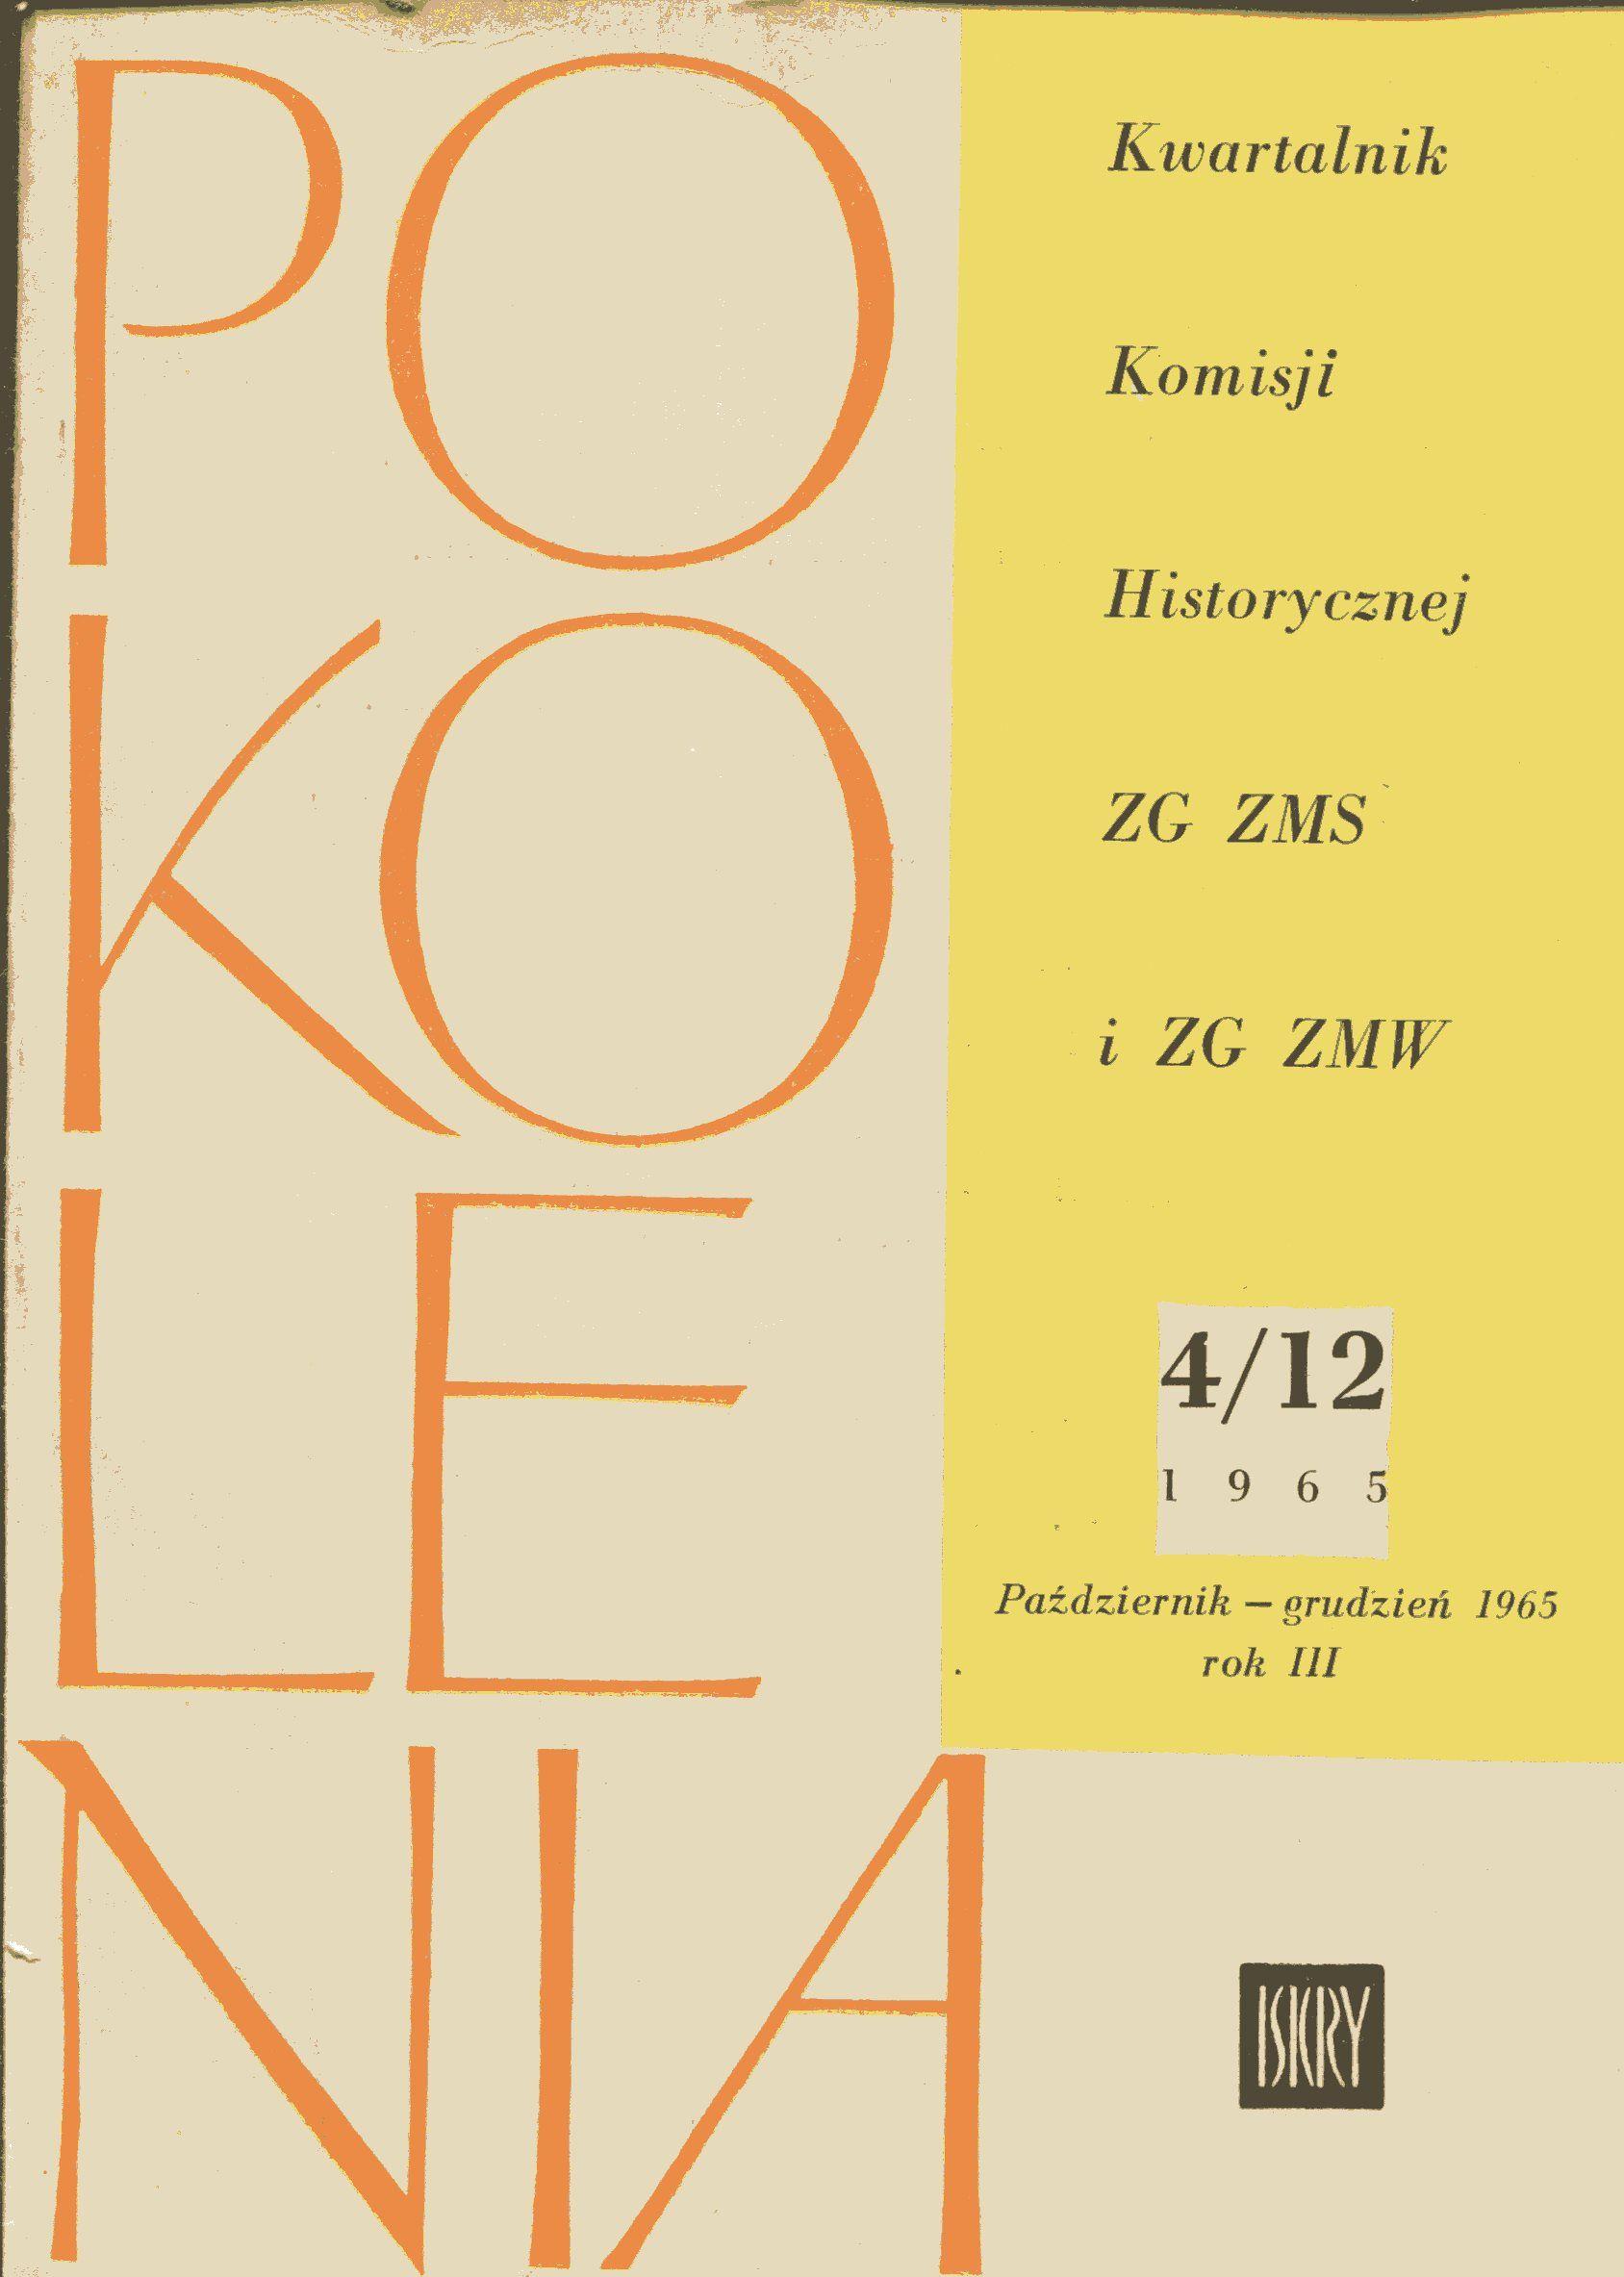 """""""Pokolenia"""" Kwartalnik  4/12 1965 Cover Jan Śliwiński Published by Wydawnictwo Iskry 1965"""